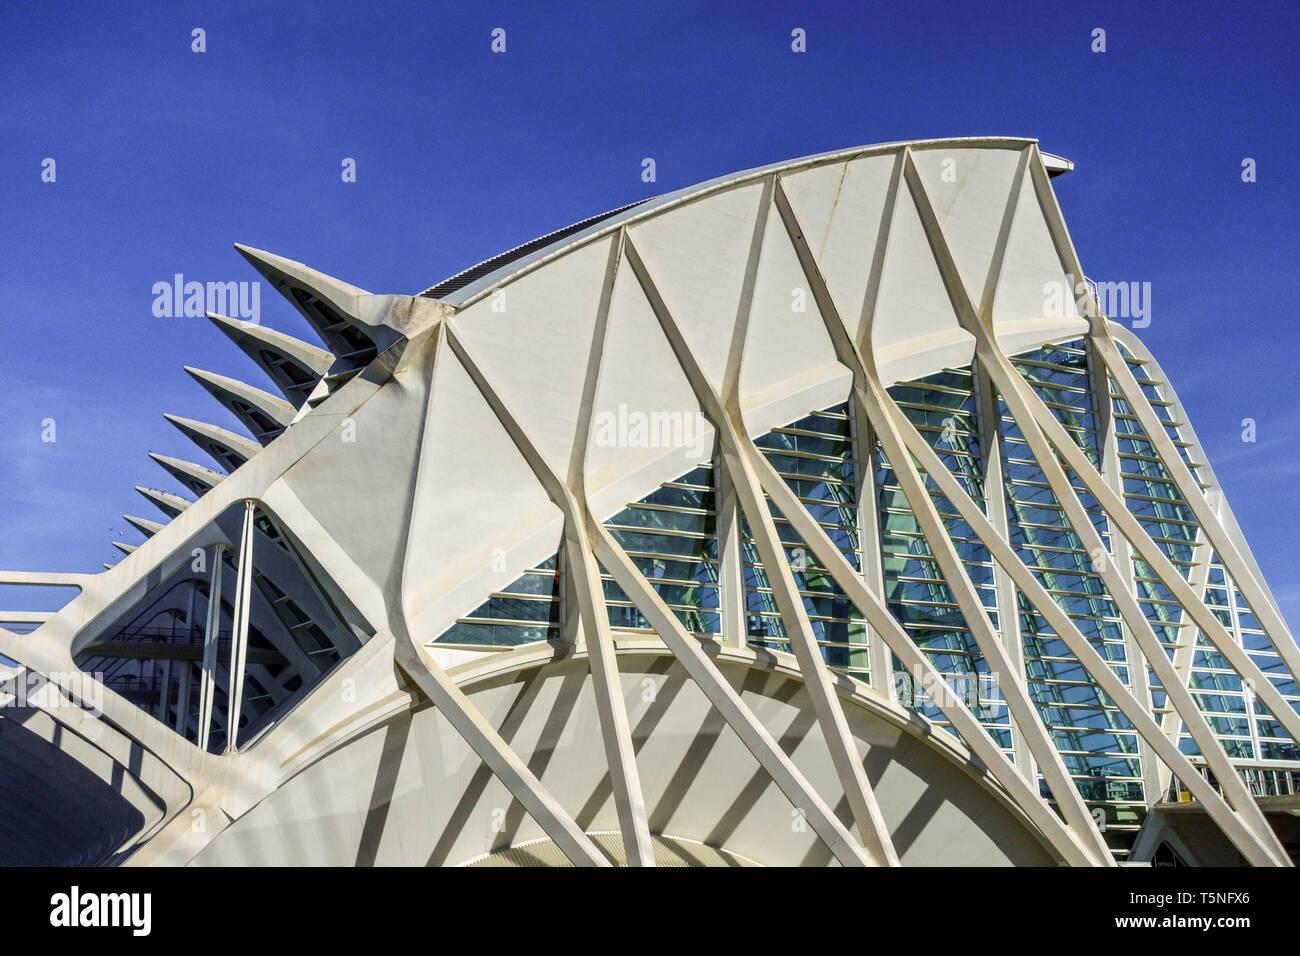 Spanisch moderne zeitgenössische Architektur futuristische Struktur von Calatrava, Stadt Kunst der Ciences Valencia Spanien Europa Stockbild